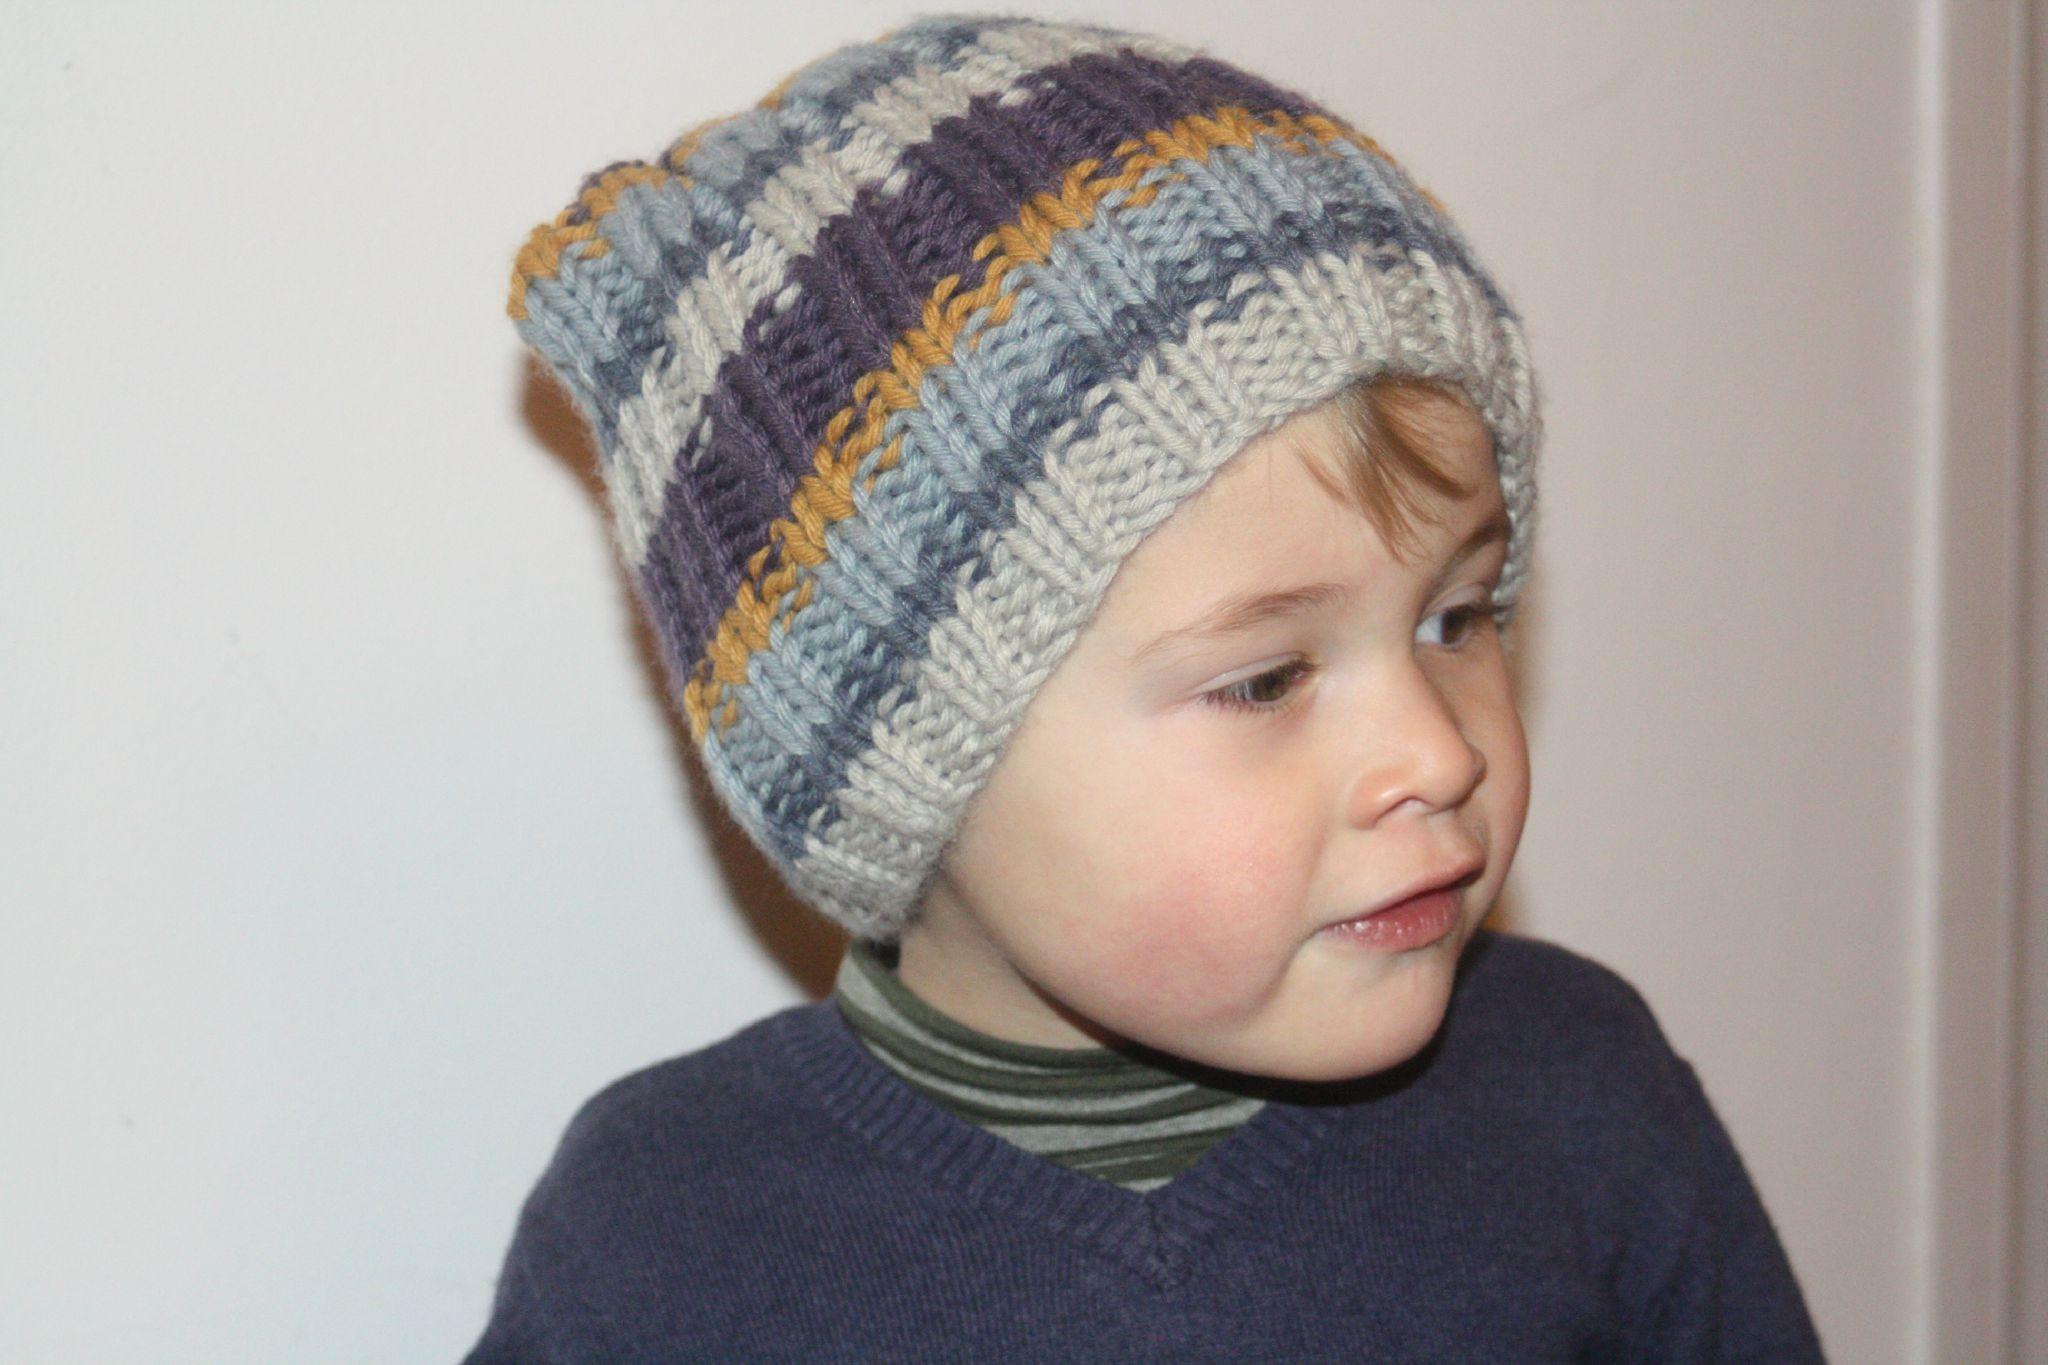 Tricoter un bonnet garcon 2 ans - Idées de tricot gratuit a009033e8ae